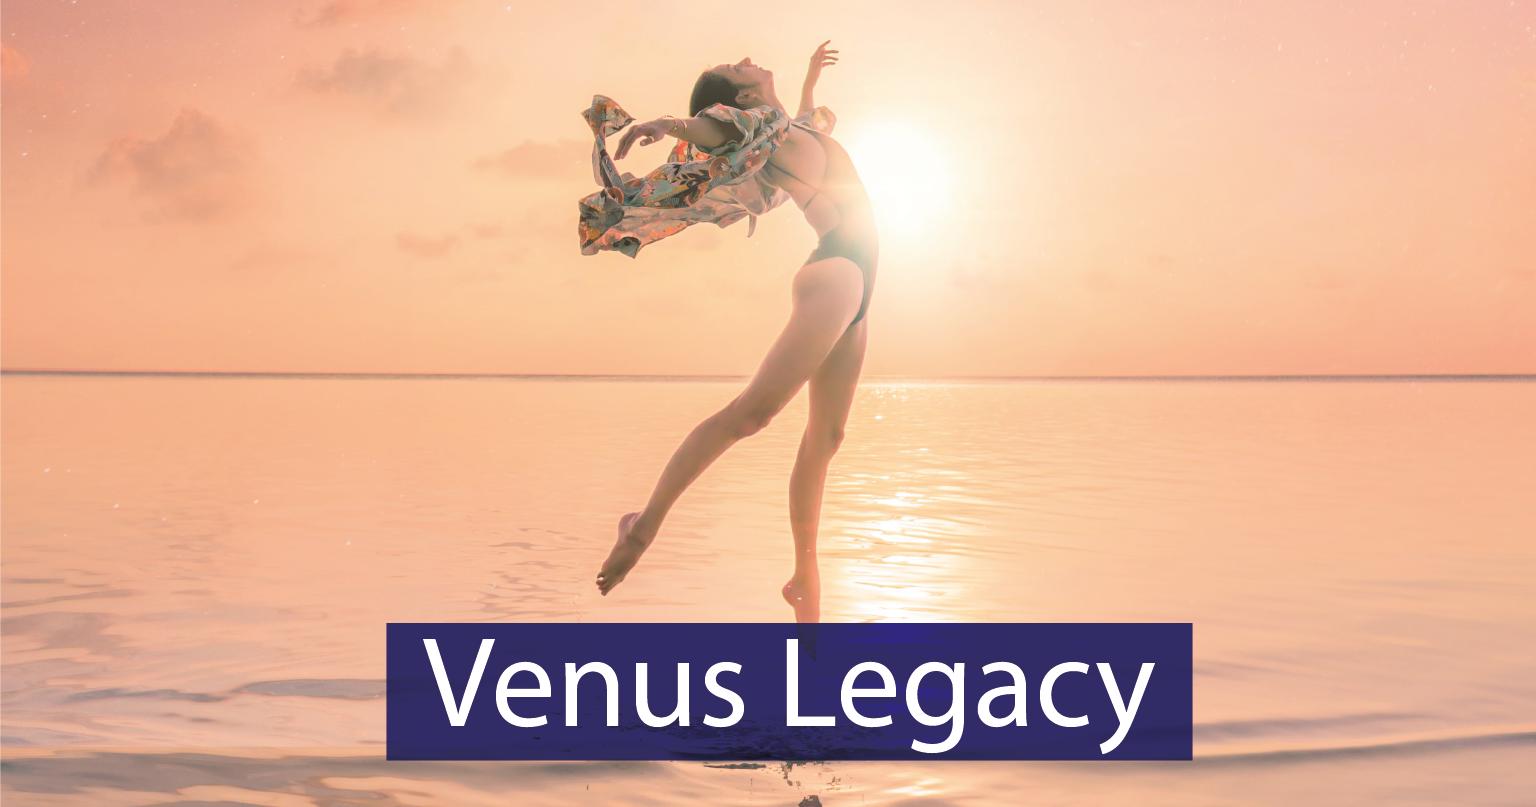 Venus Legacy: o método indolor para deixar a pele mais firme